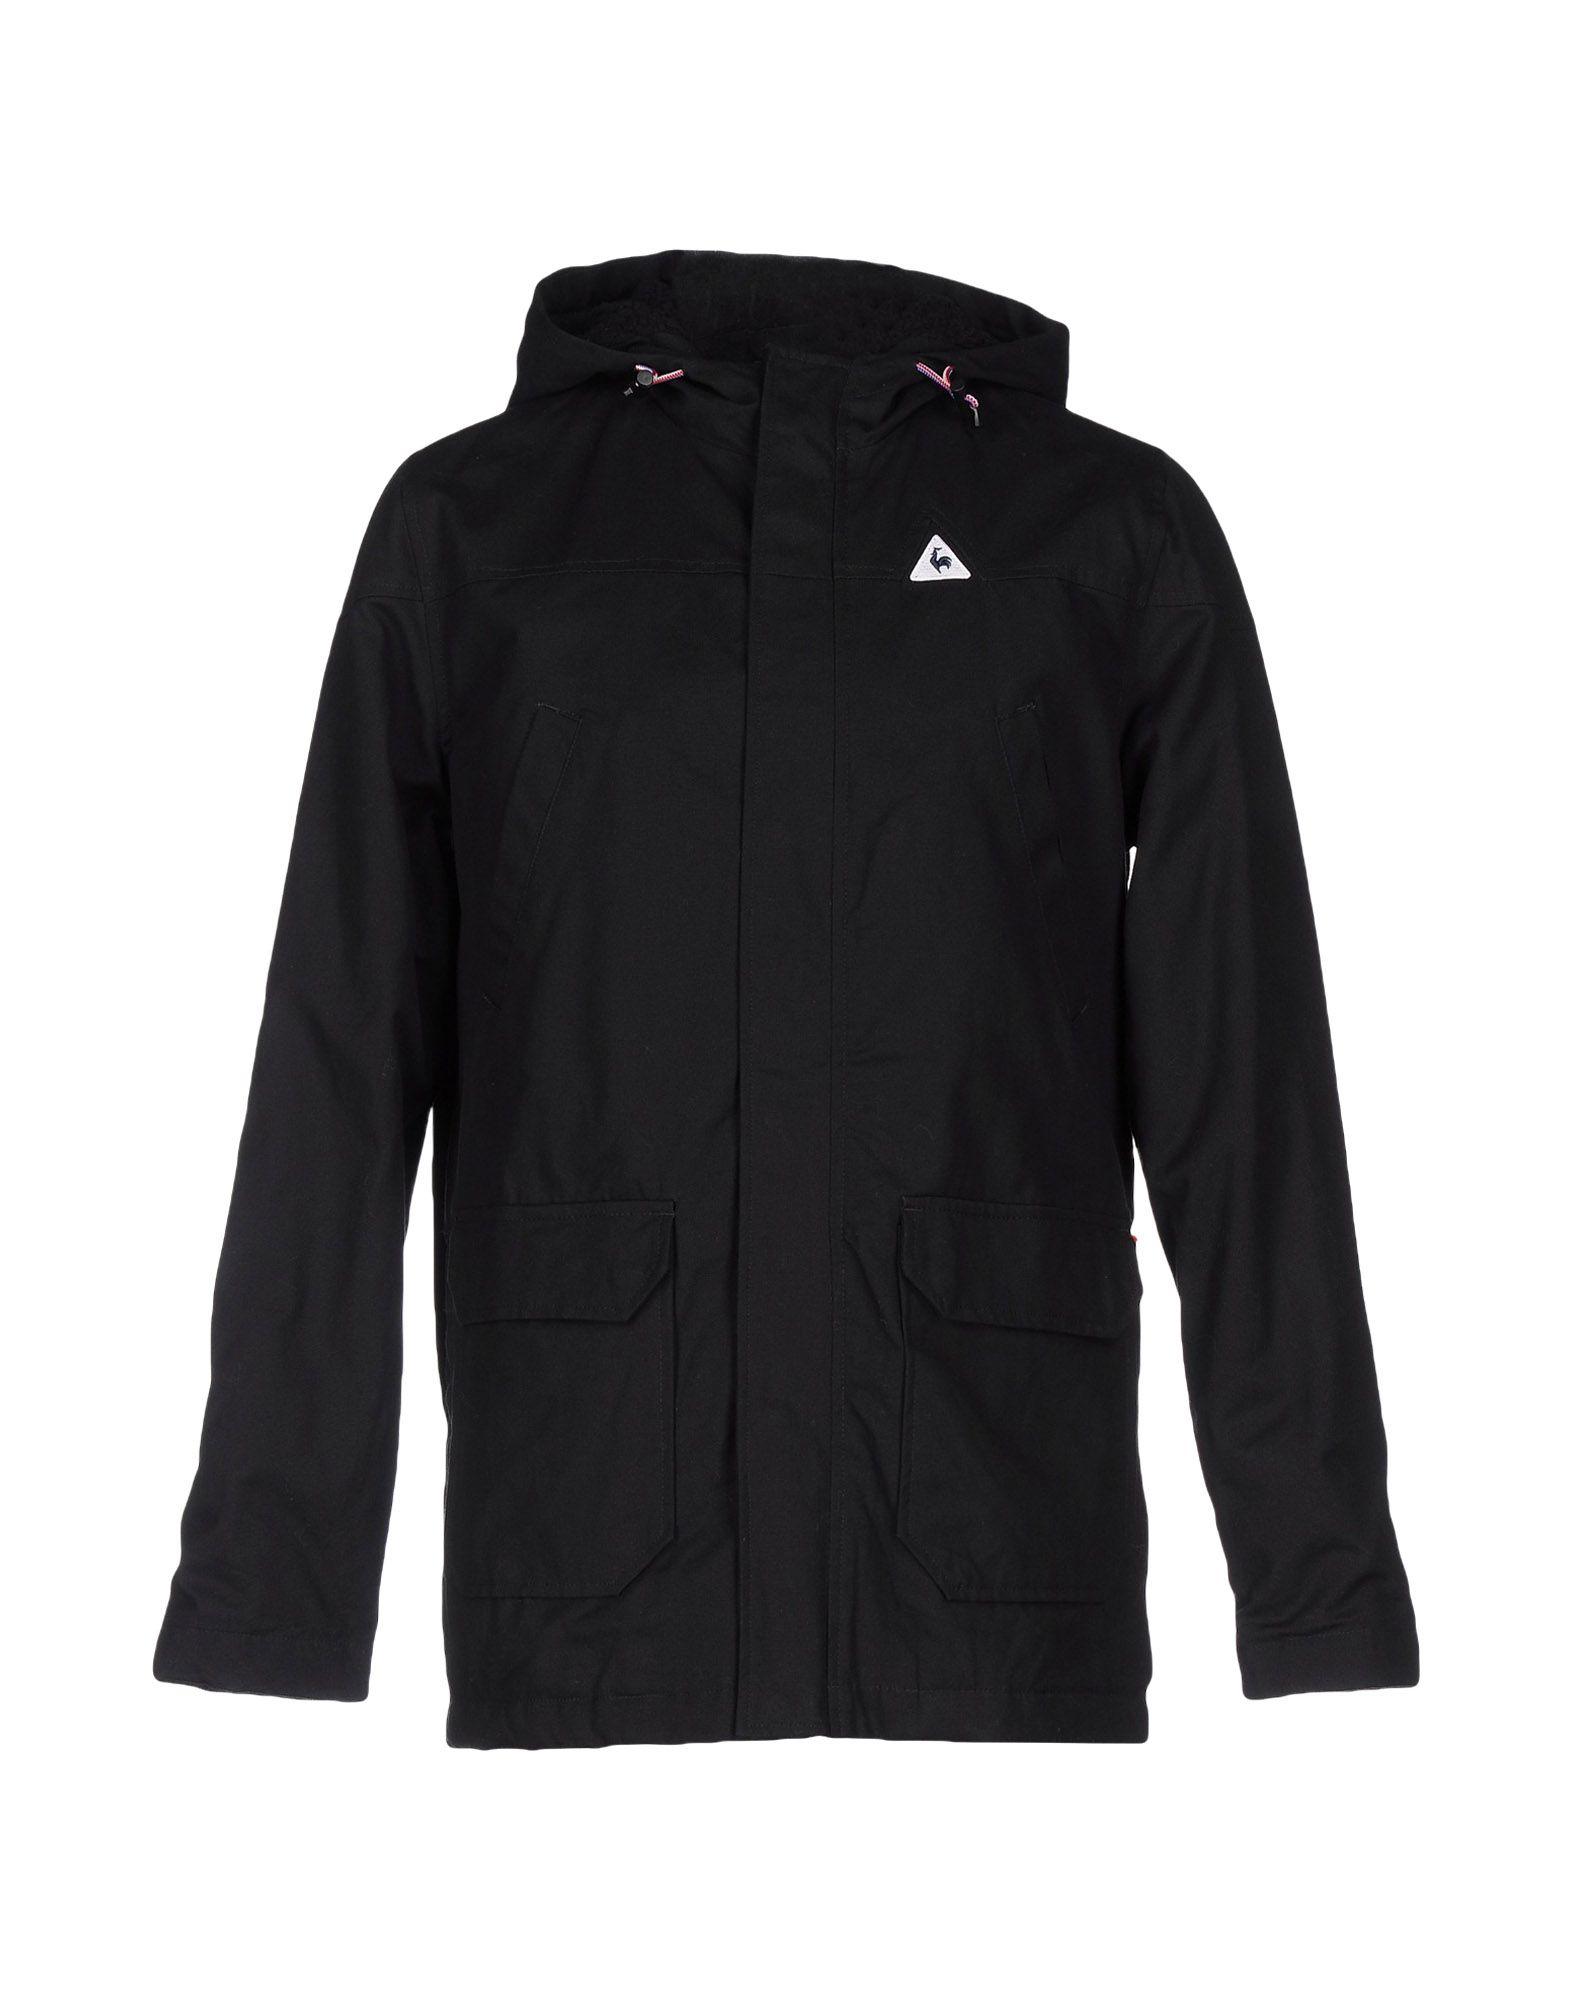 le coq sportif jacket in black for men lyst. Black Bedroom Furniture Sets. Home Design Ideas